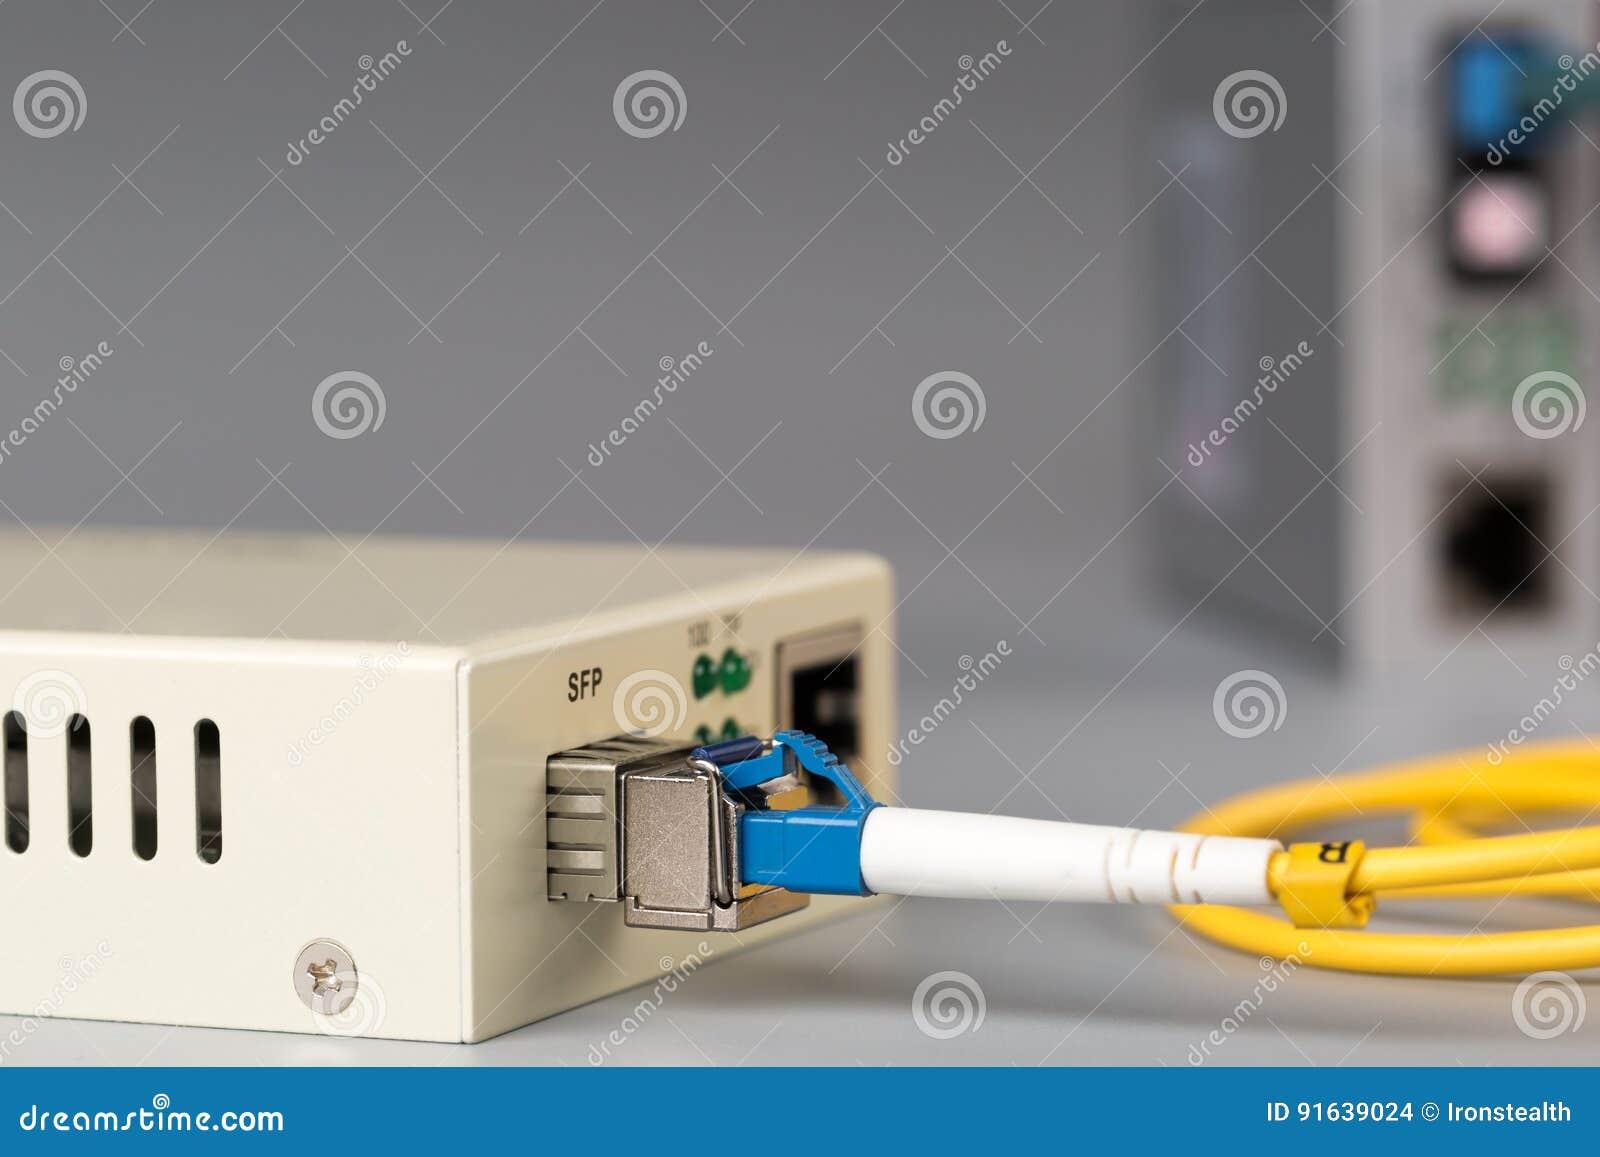 Niedlich Manchester Nj Kabel Hotwire Zeitgenössisch - Elektrische ...